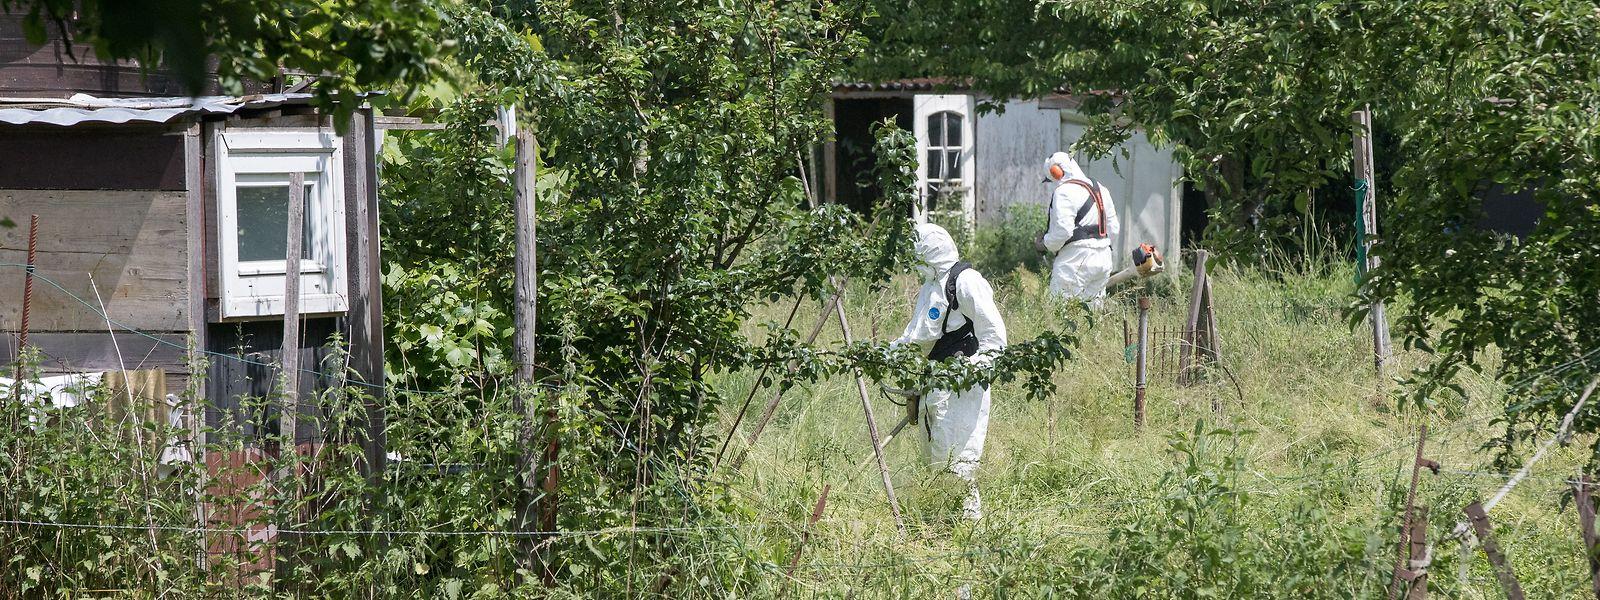 Am 30. Mai 2018 wird in einem verlassenen Schrebergarten ein Mordopfer entdeckt.